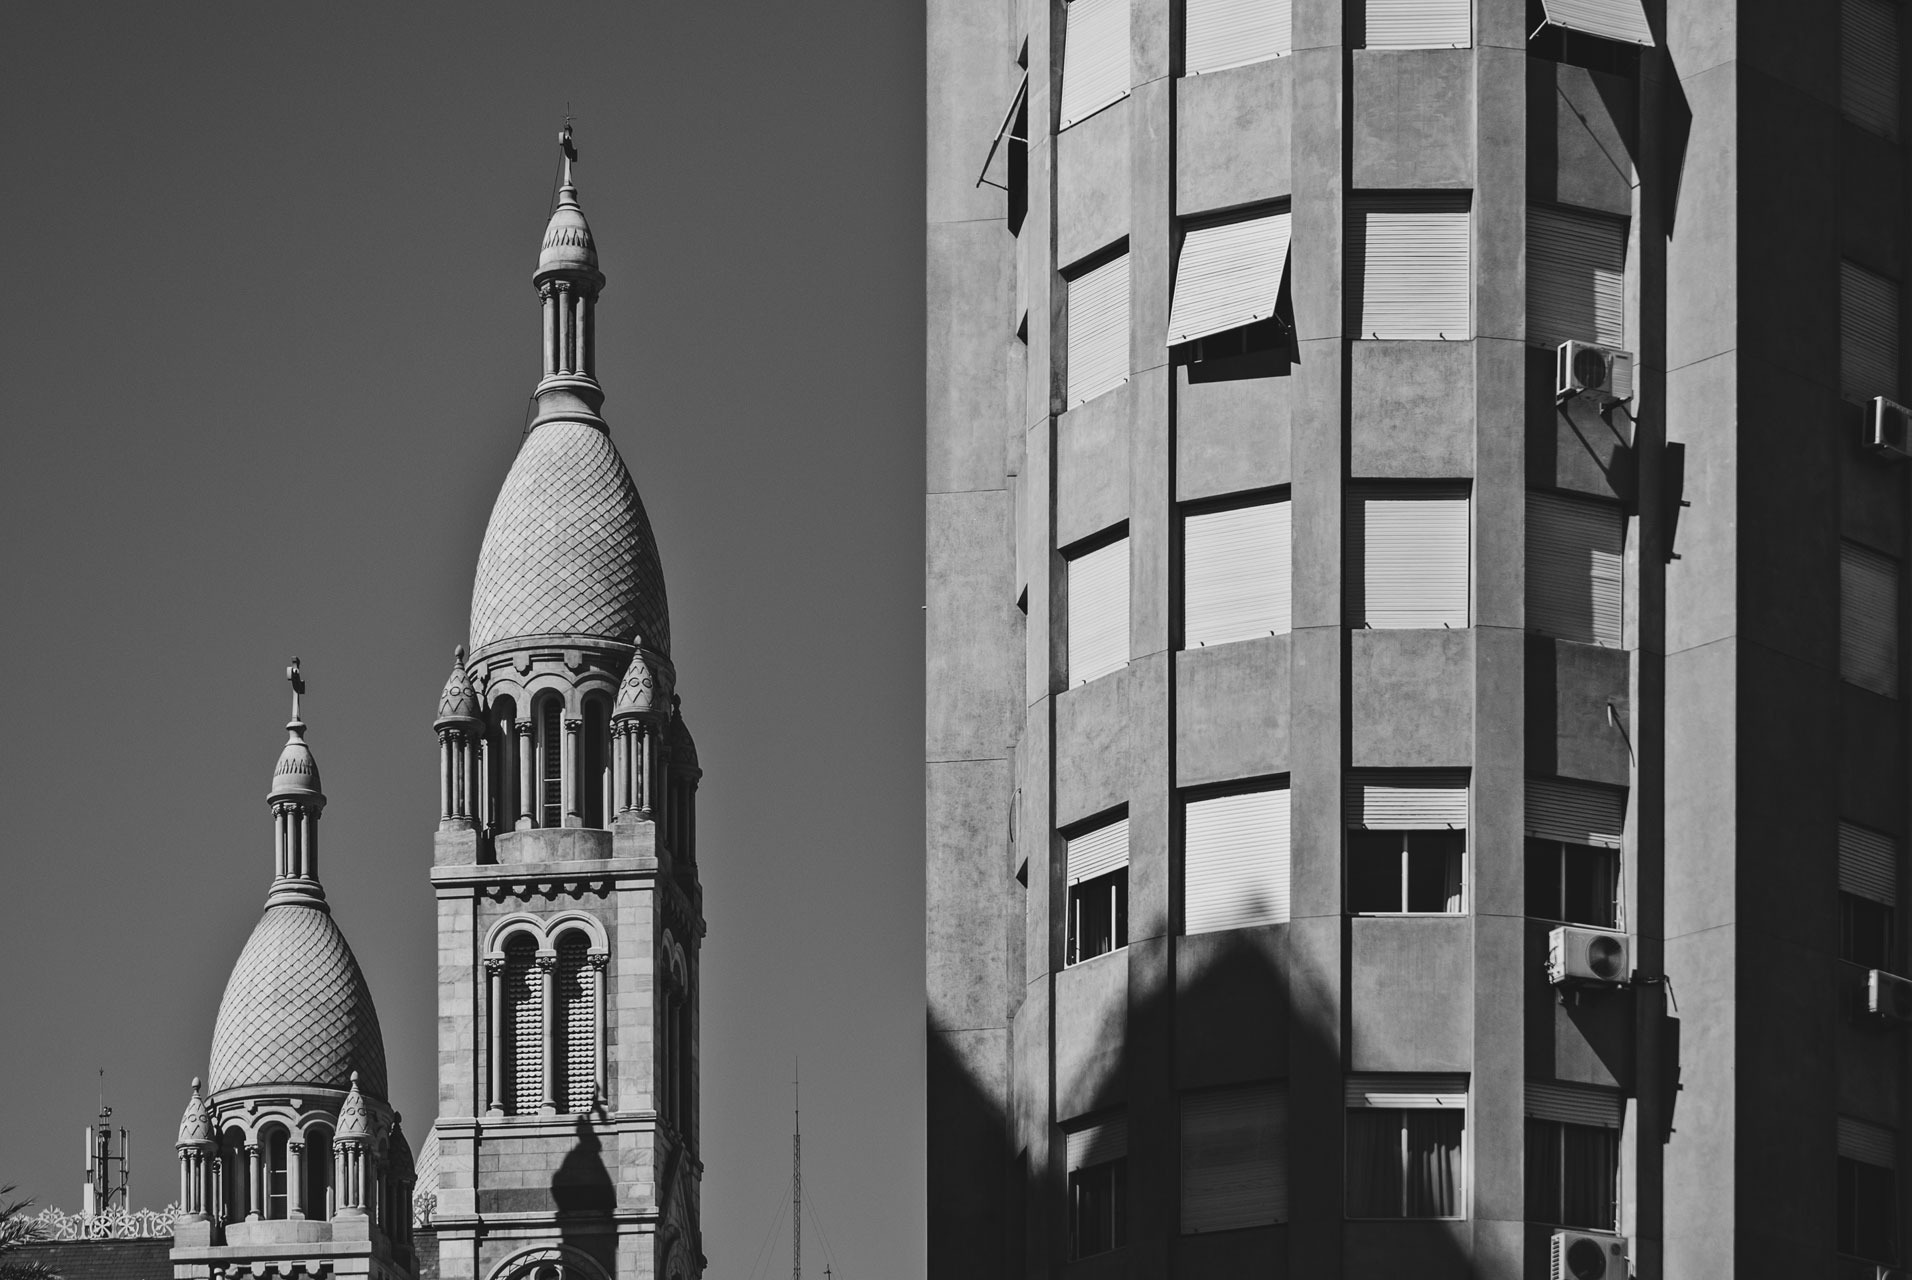 Edificio Kavanagh y Basílica Santísimo Sacramento